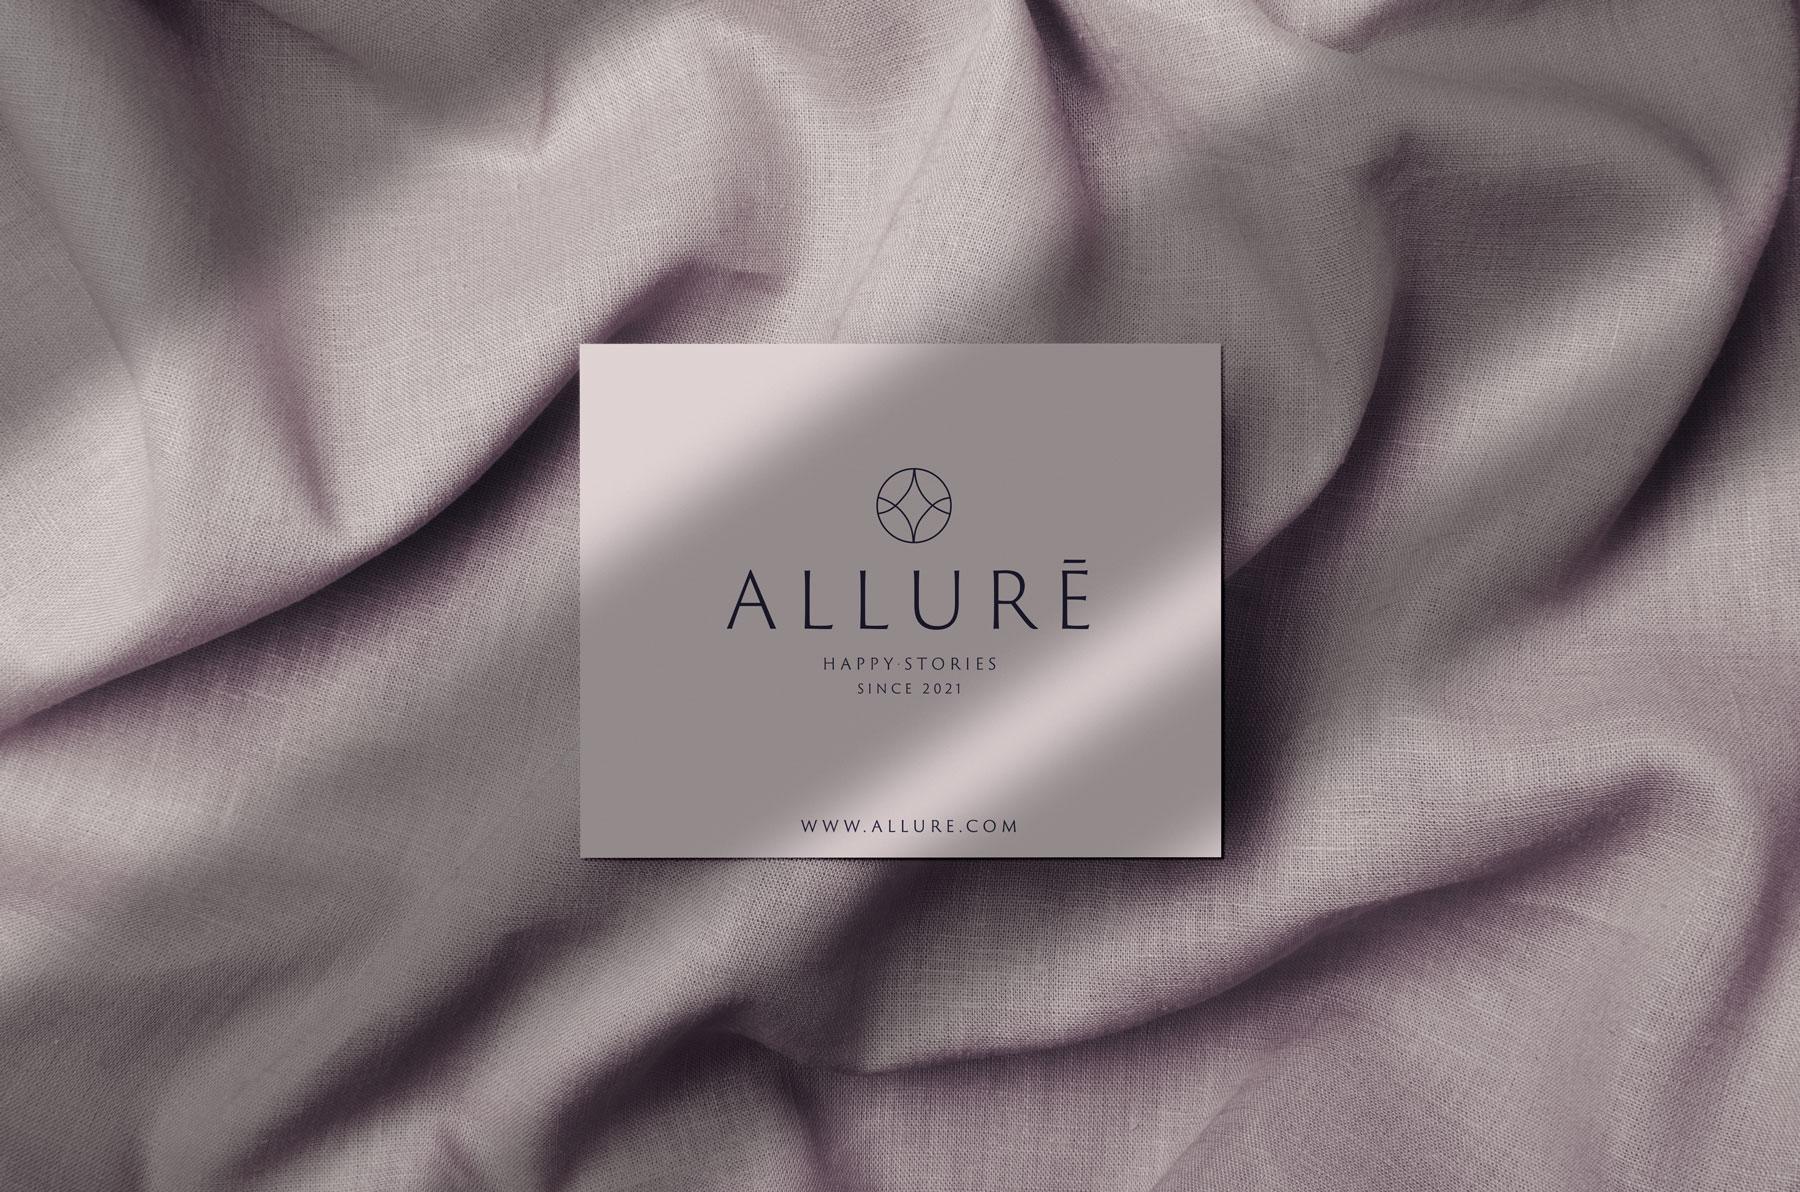 Allurē